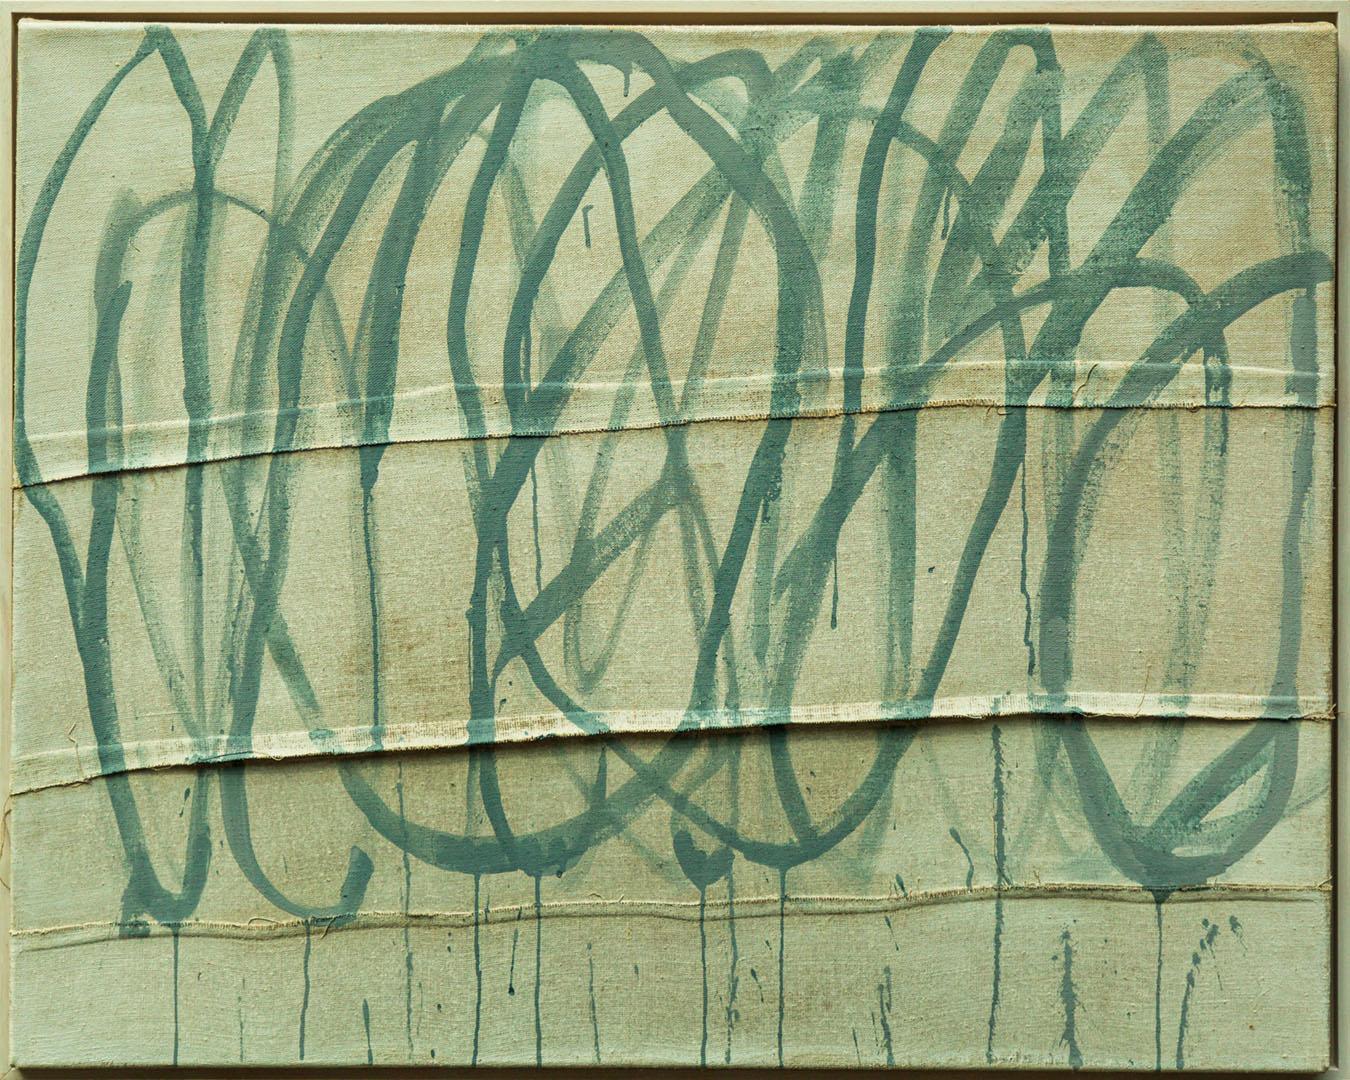 Isa Jungblut Isa: Lines | Acryl auf Leinwand; 80 x 100 cm; 800,00 €; 1964 geboren in Neuwied/Rhein; Studium Gemälderestaurierung in Florenz; lebt seit 2000 in Bayern